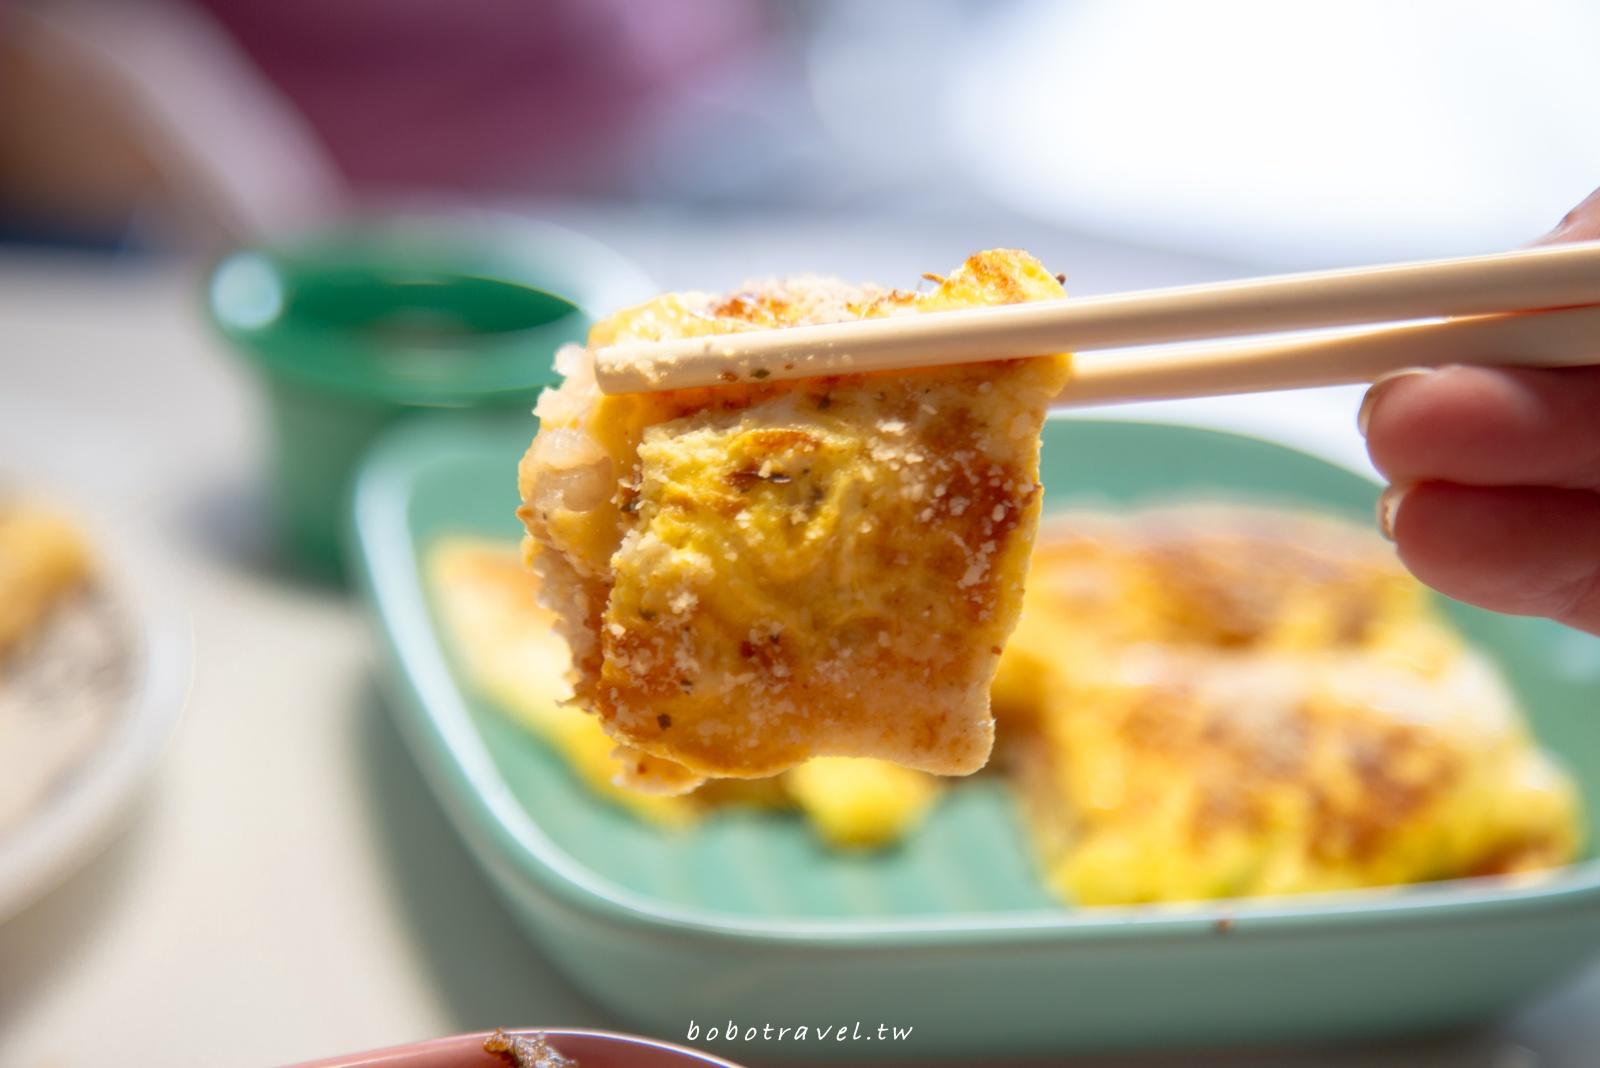 花蓮新城、鐵皮屋早餐店|薯泥塔必點!超多元中西式料理吃得到用心,人情味滿出來的花蓮早餐店